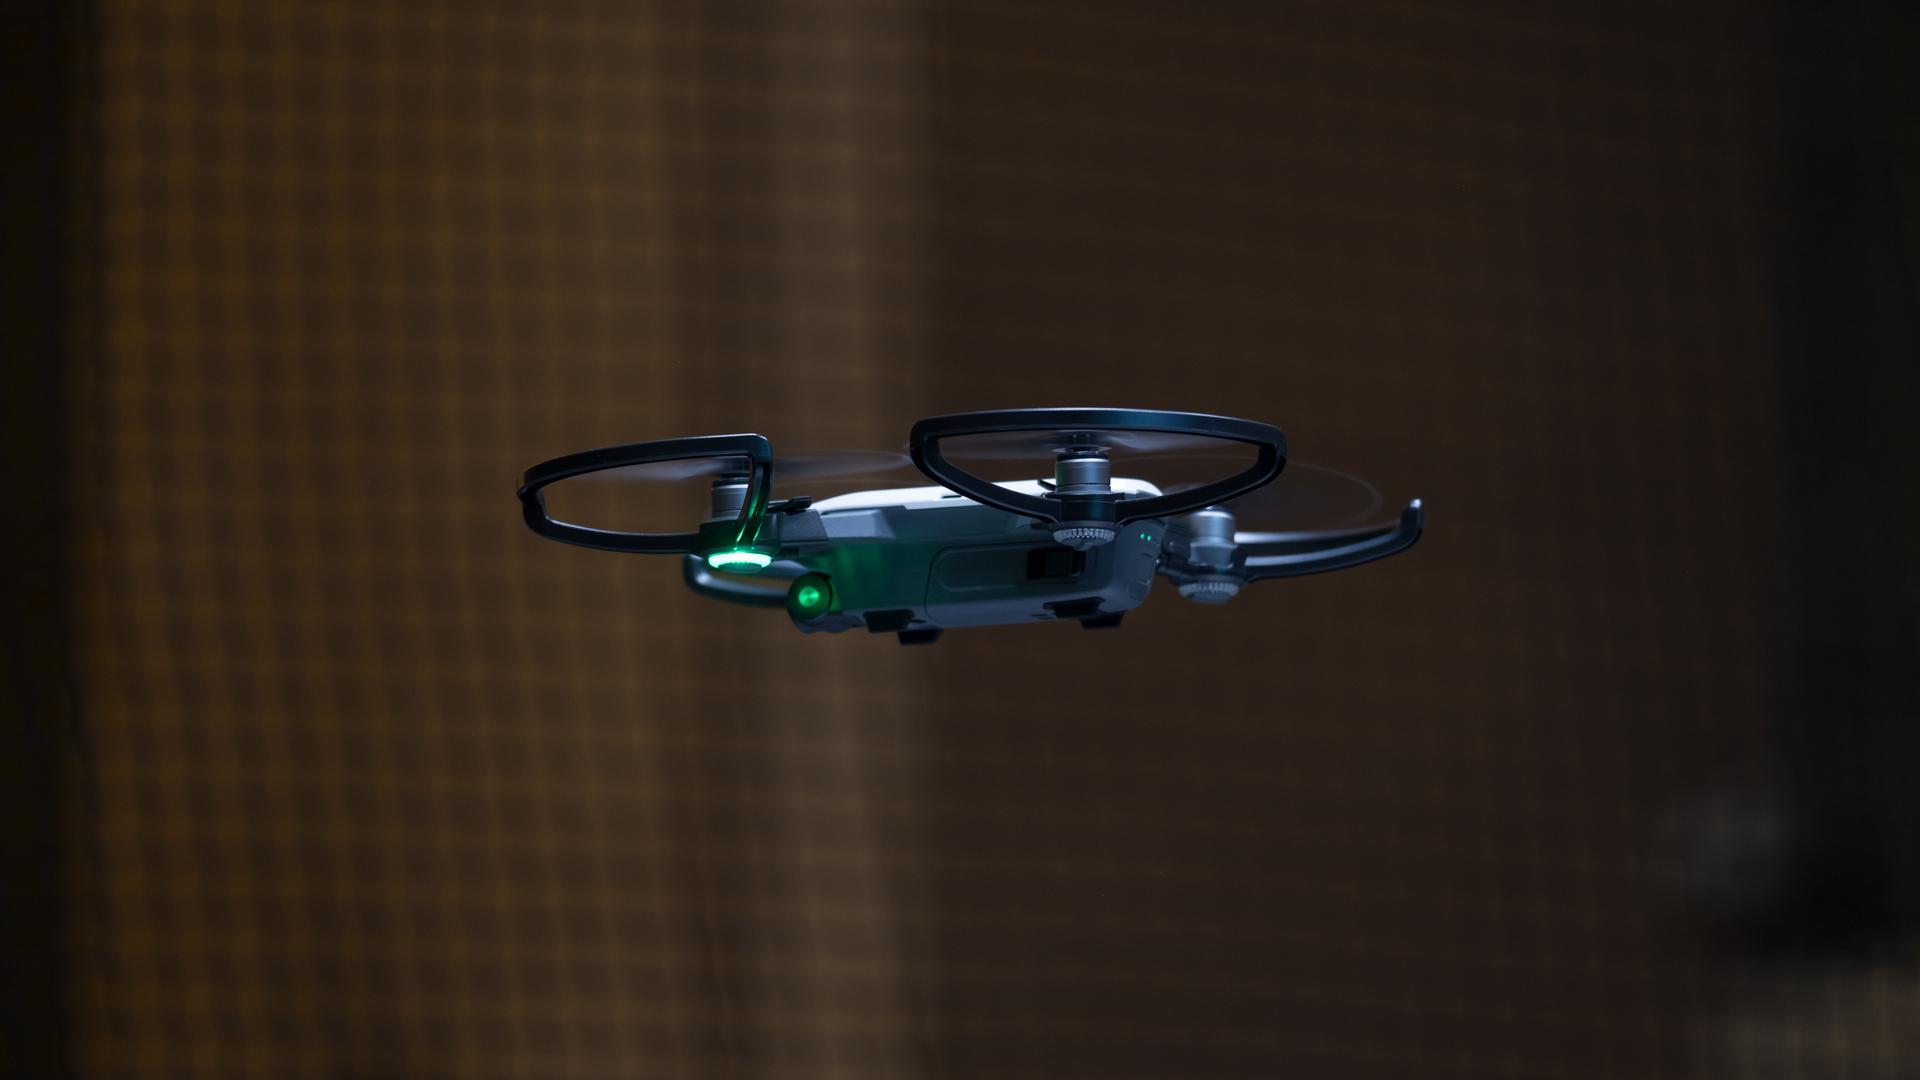 dji drone detection  | 400 x 198